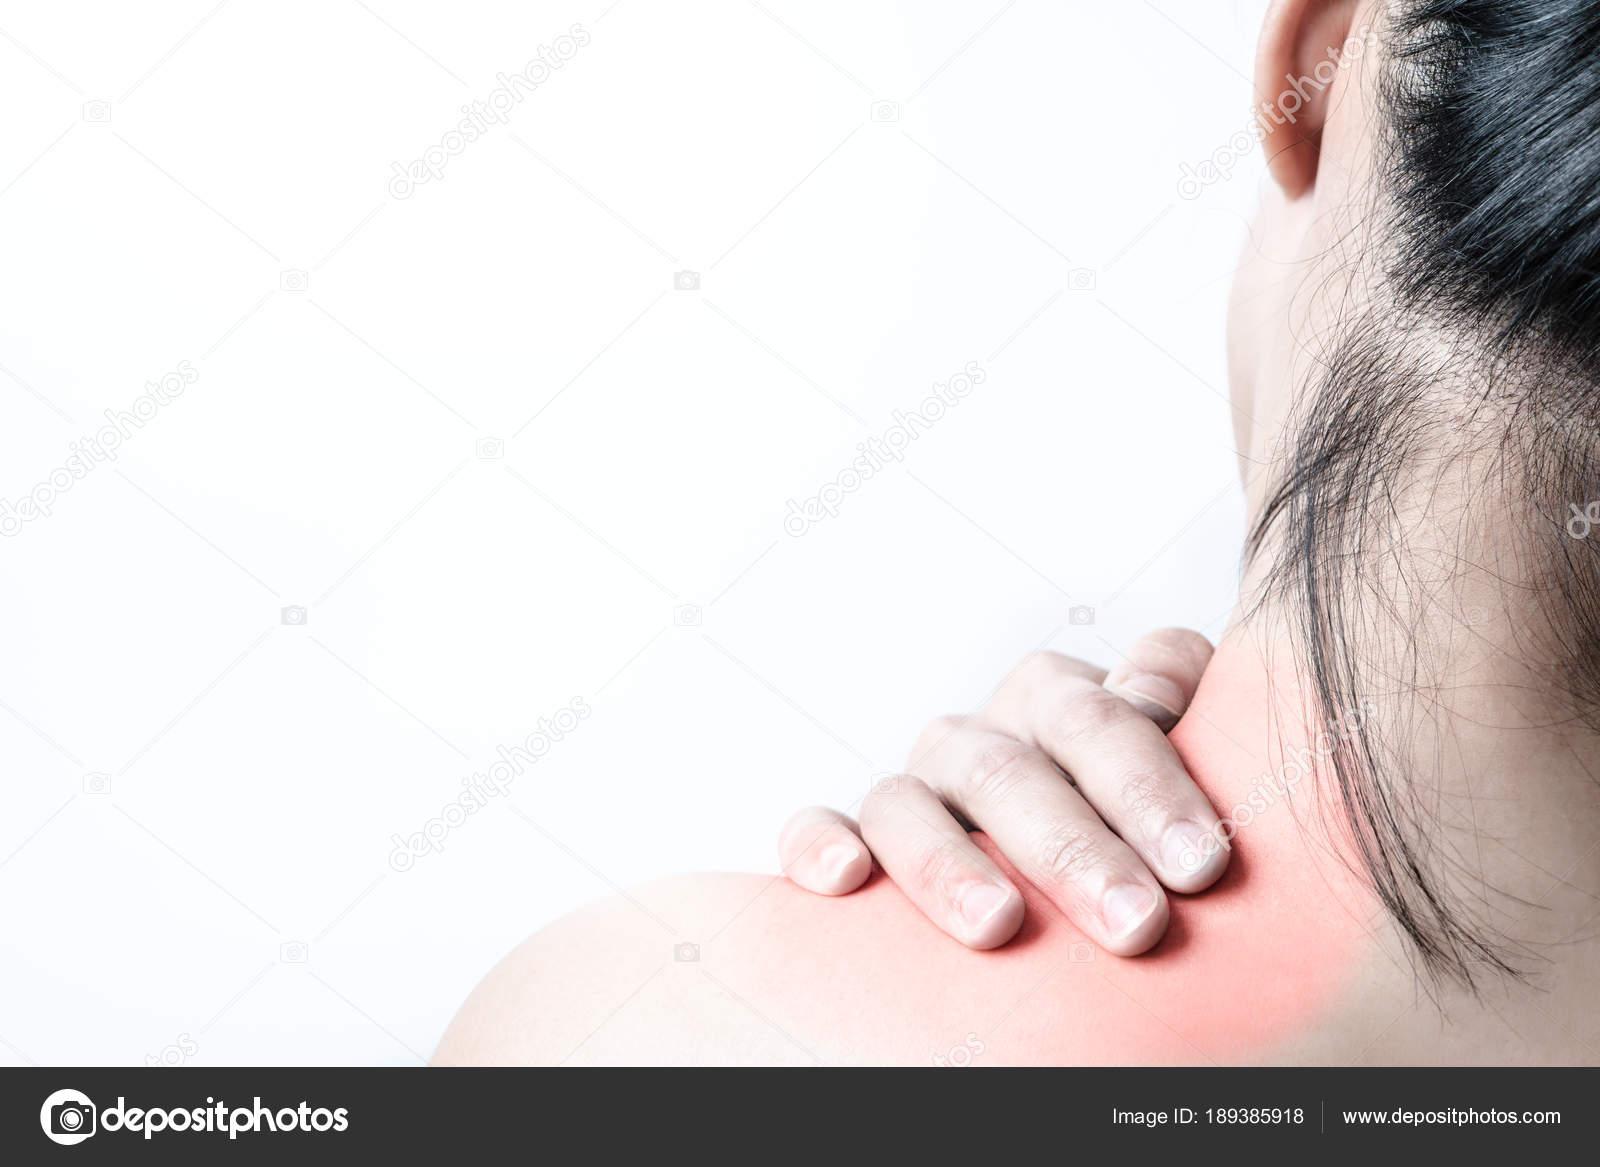 Boyun, Ense ve Omuzda Ağrı